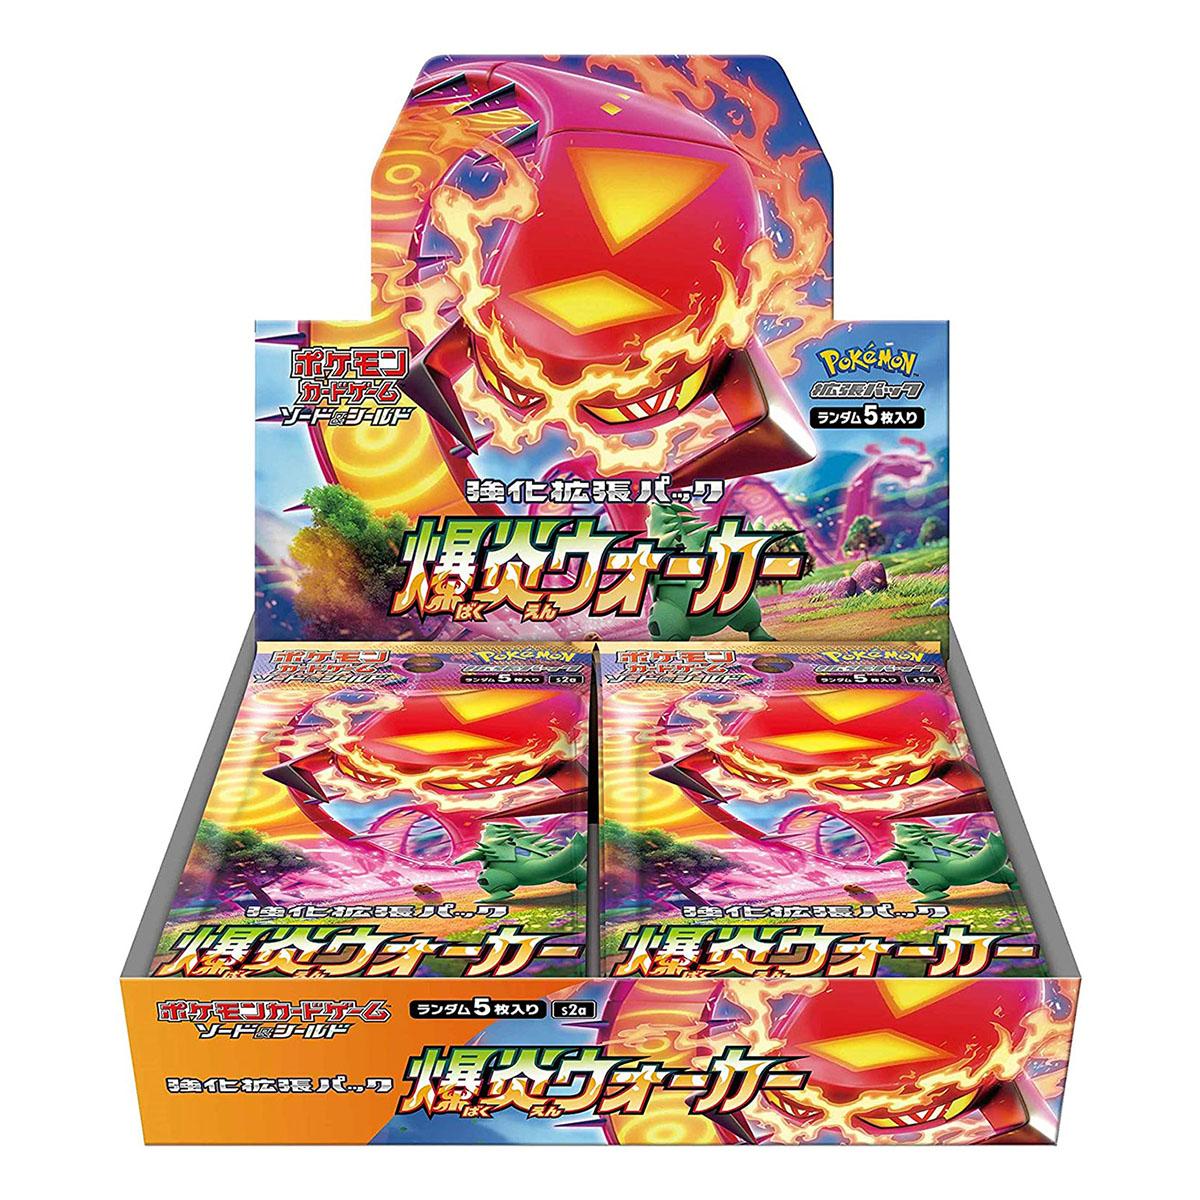 ポケモンカードゲーム ソード&シールド 強化拡張パック『爆炎ウォーカー』30パック入りBOX-001